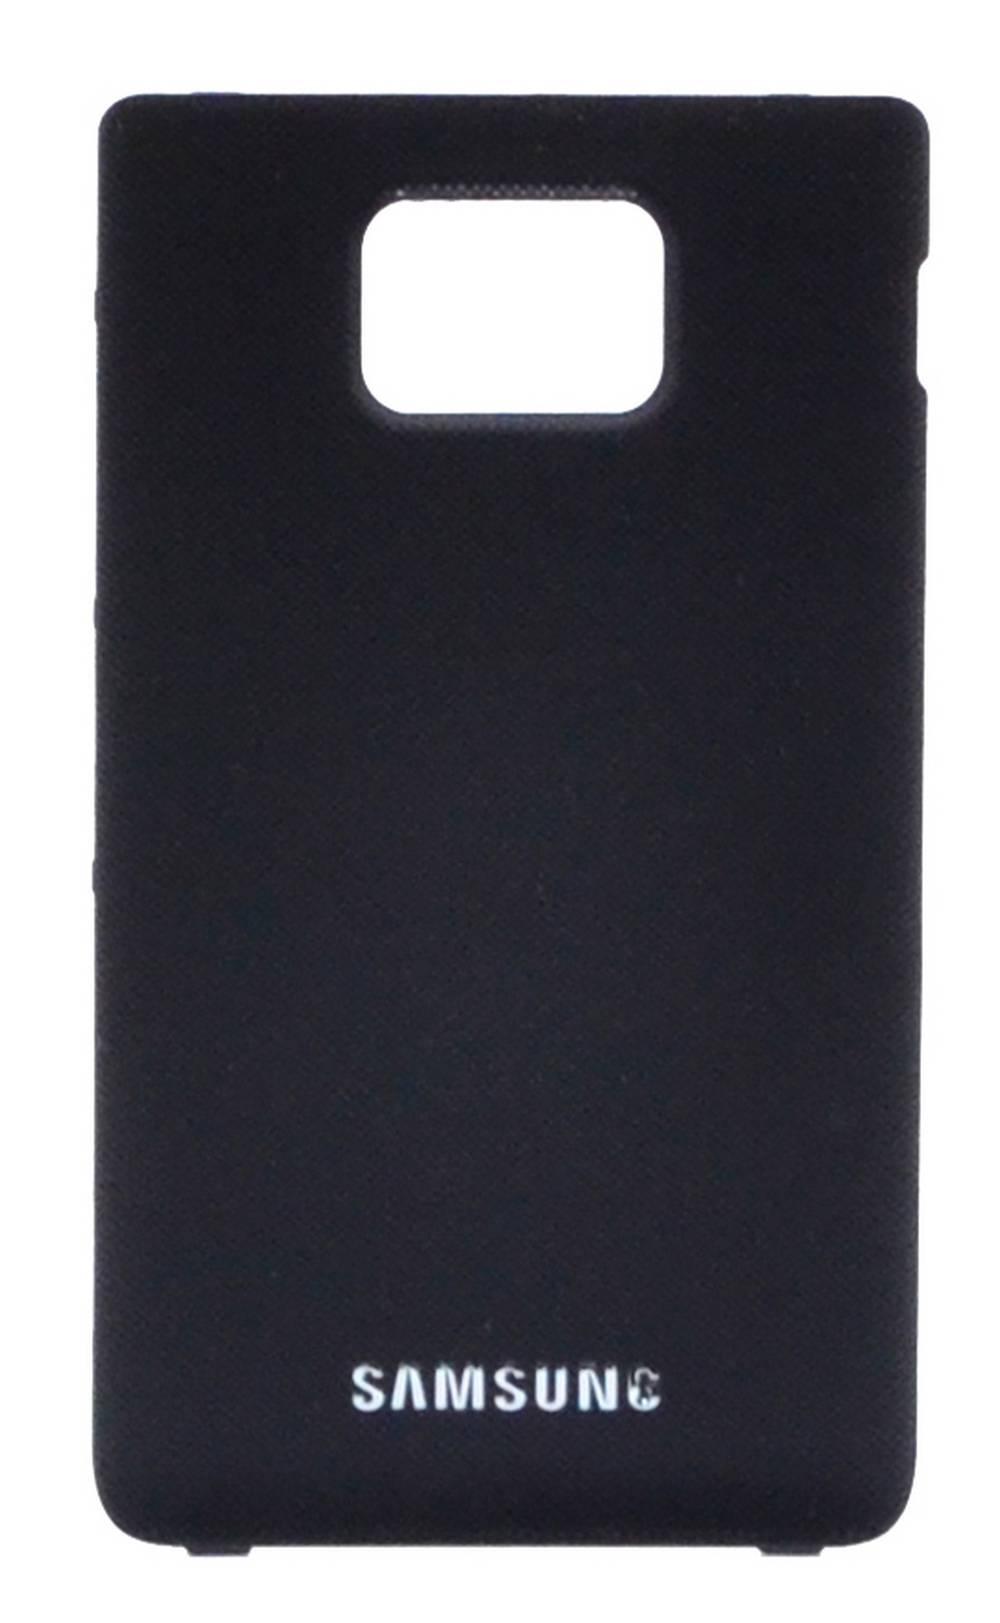 Καπάκι Μπαταρίας Samsung i9100 Galaxy S II Μαύρο OEM